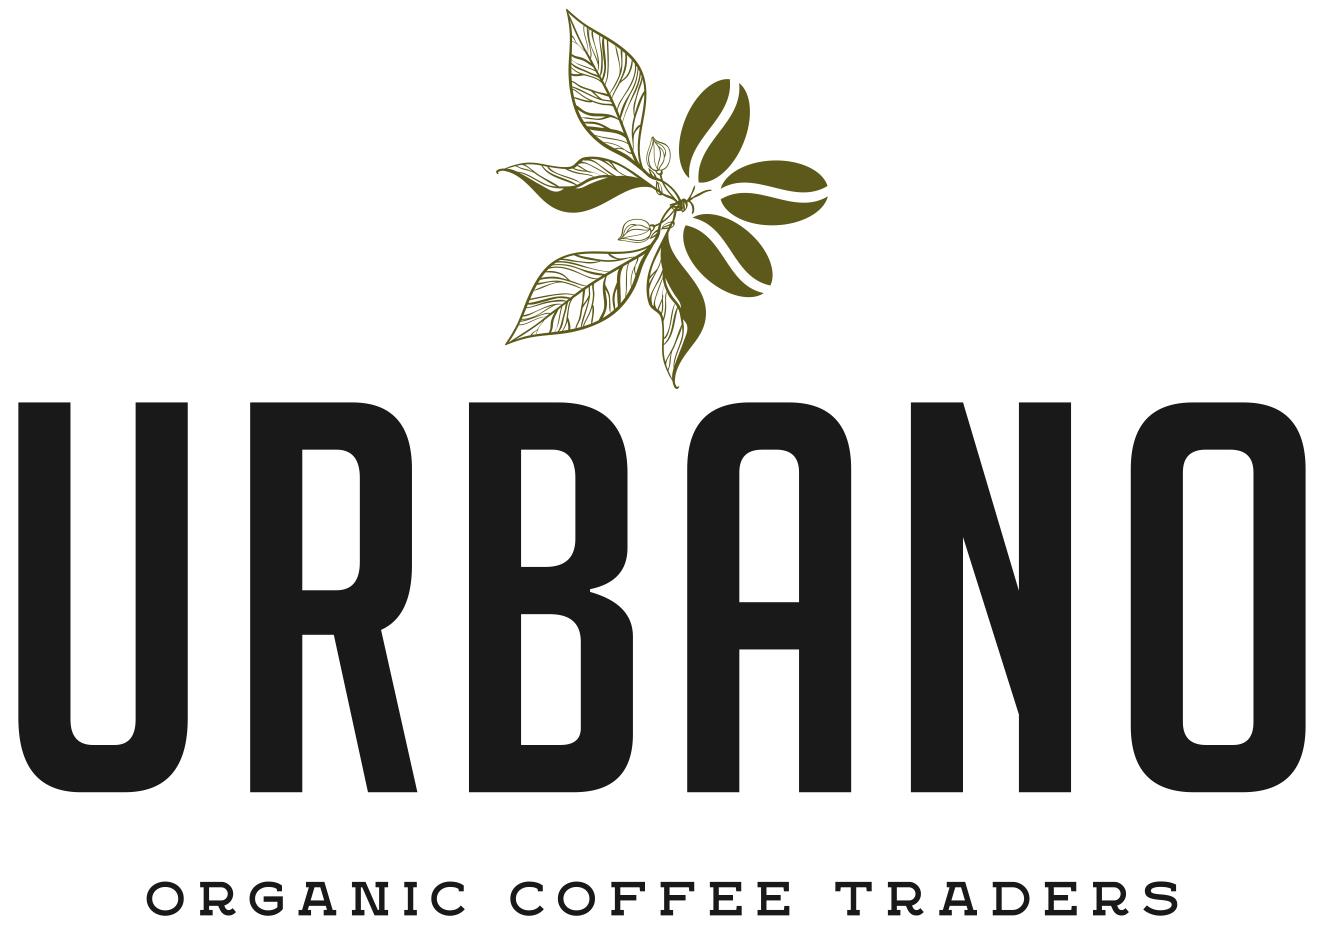 Urbano Cafe/Restaurant